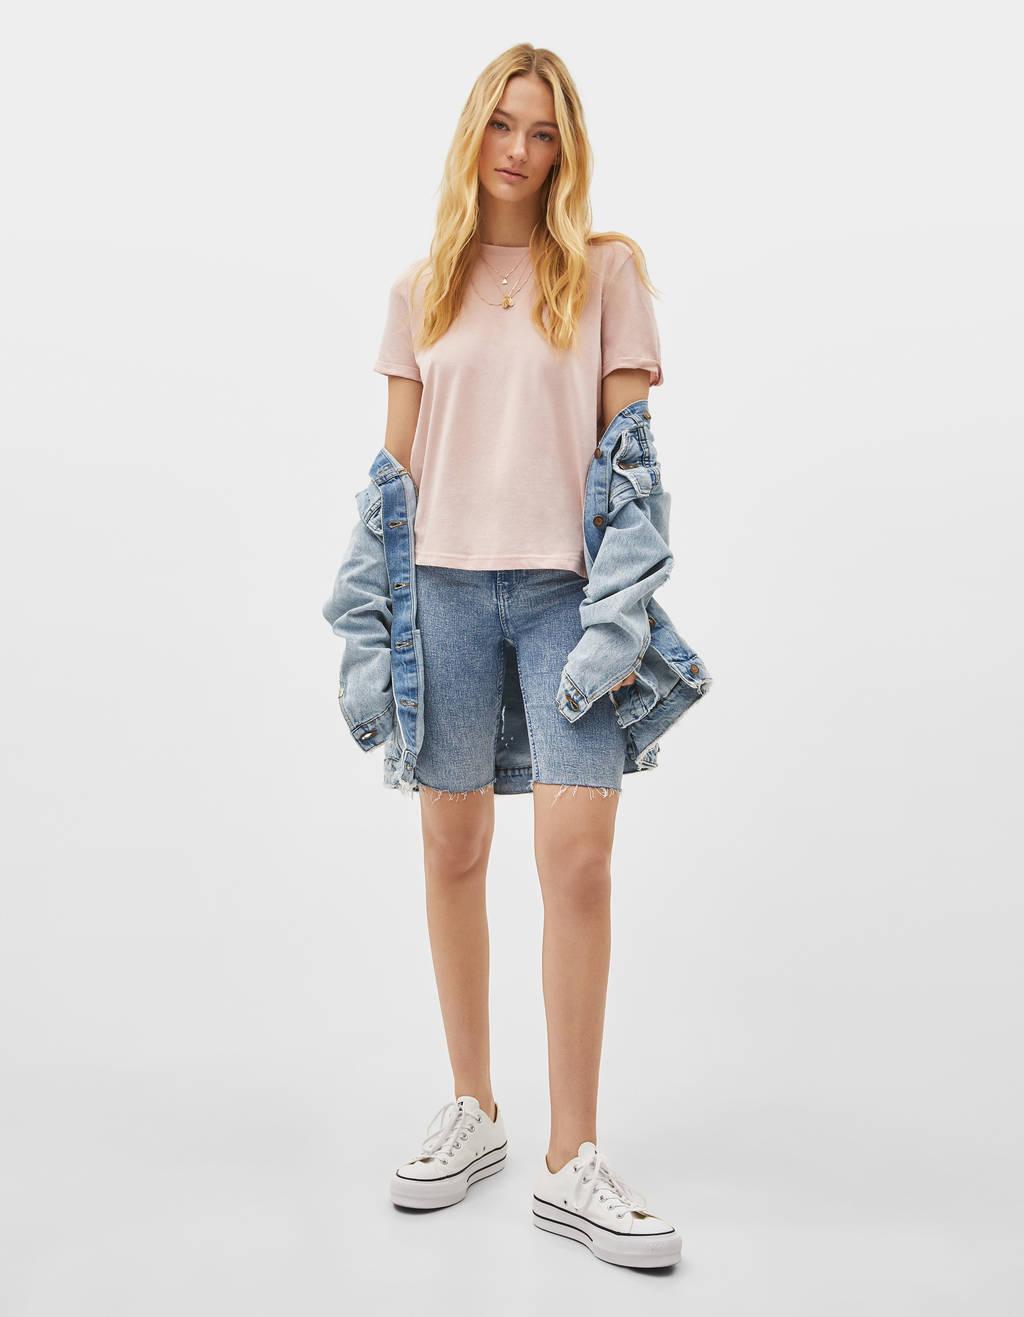 911e4dbcf61379 T-Shirts für Damen - Frühjahr Sommer 2019